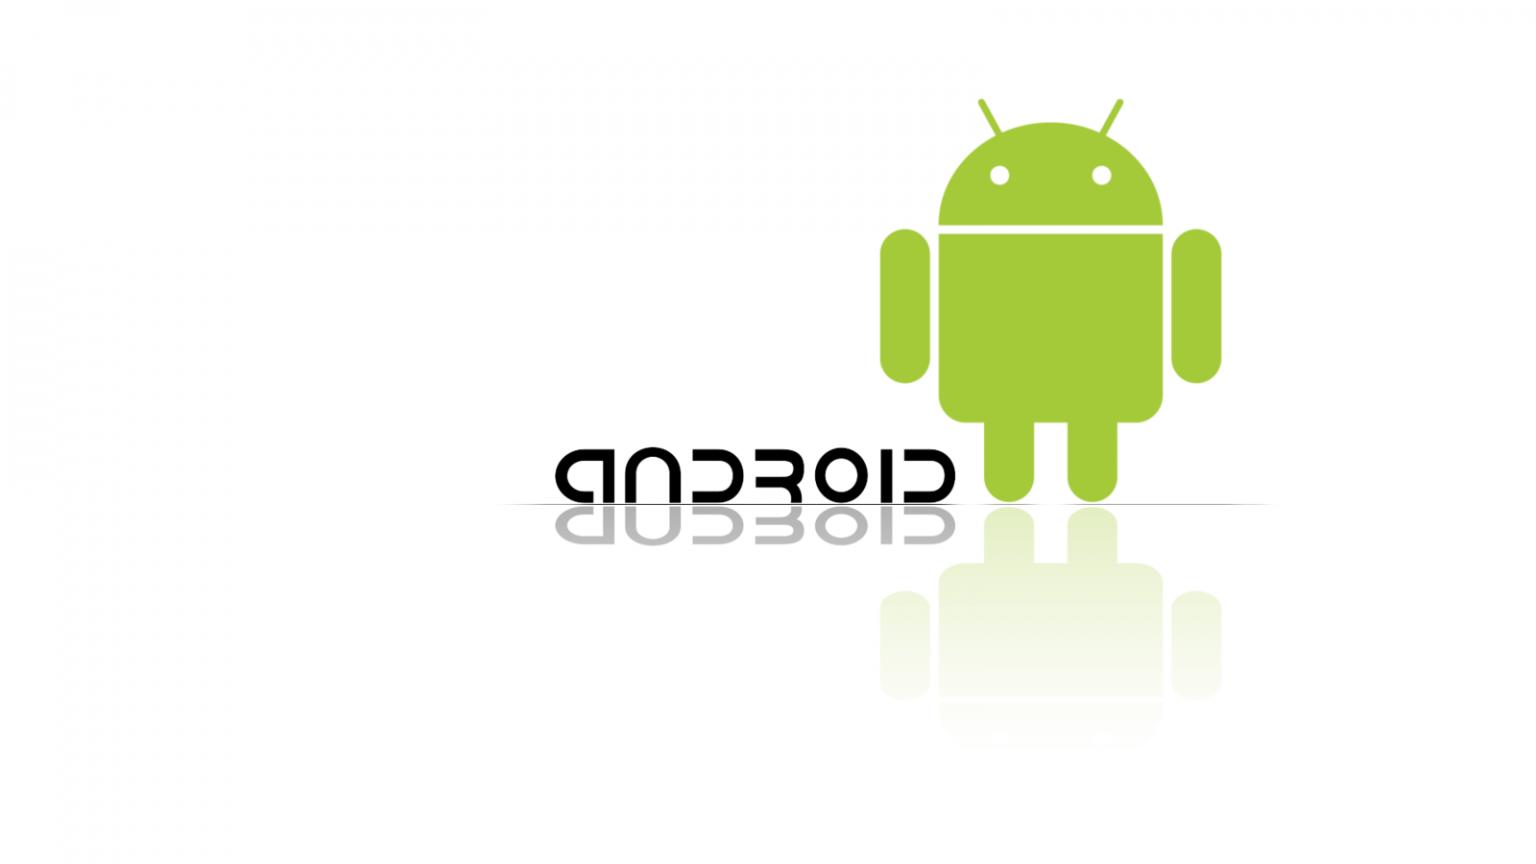 Free Download Wallpaper Android Animasi Budak Keren